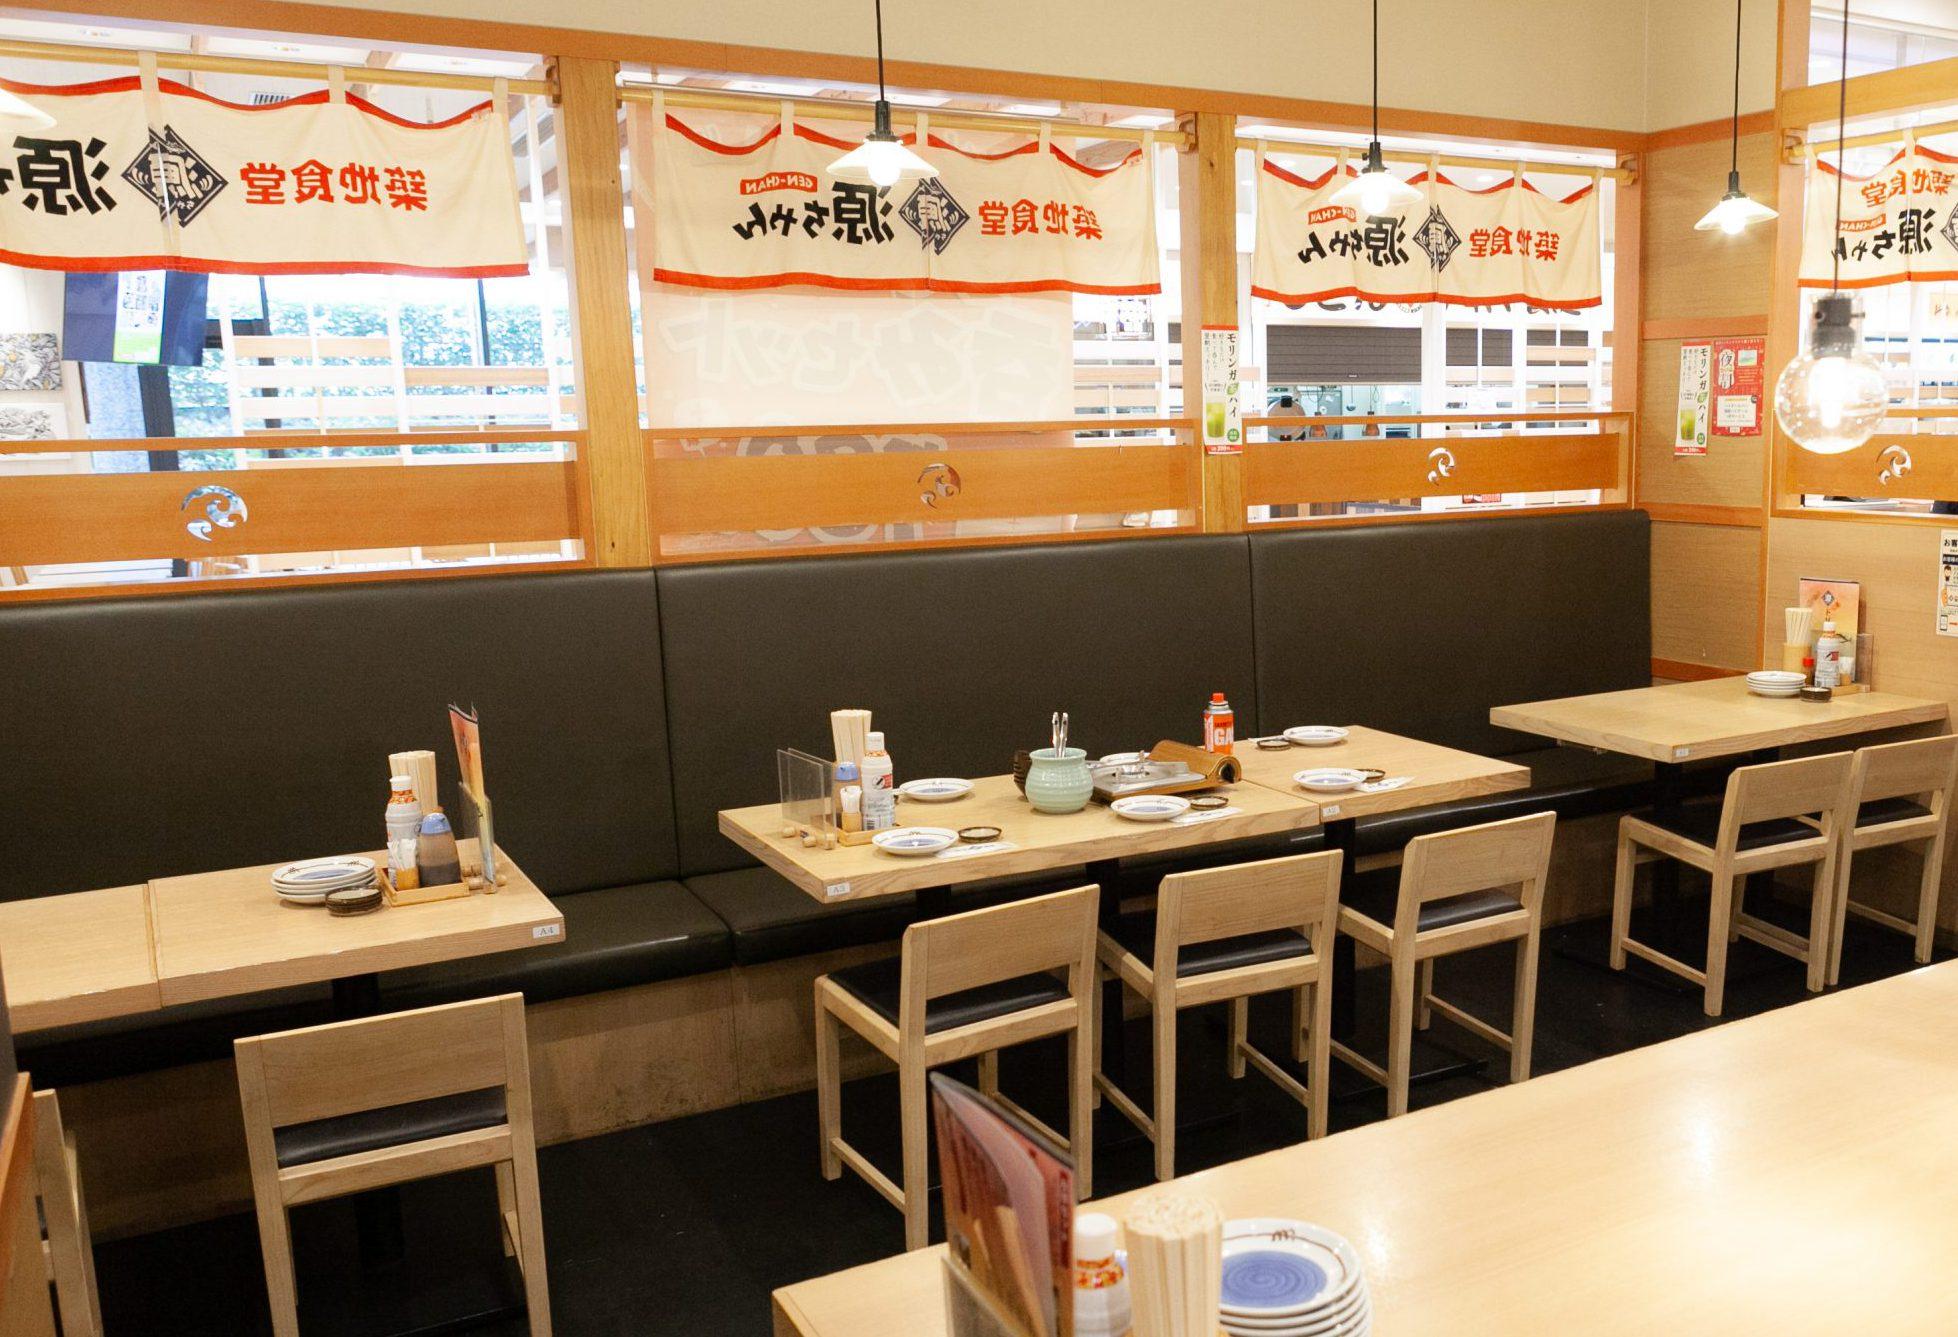 築地食堂源ちゃん 汐留シティセンター店